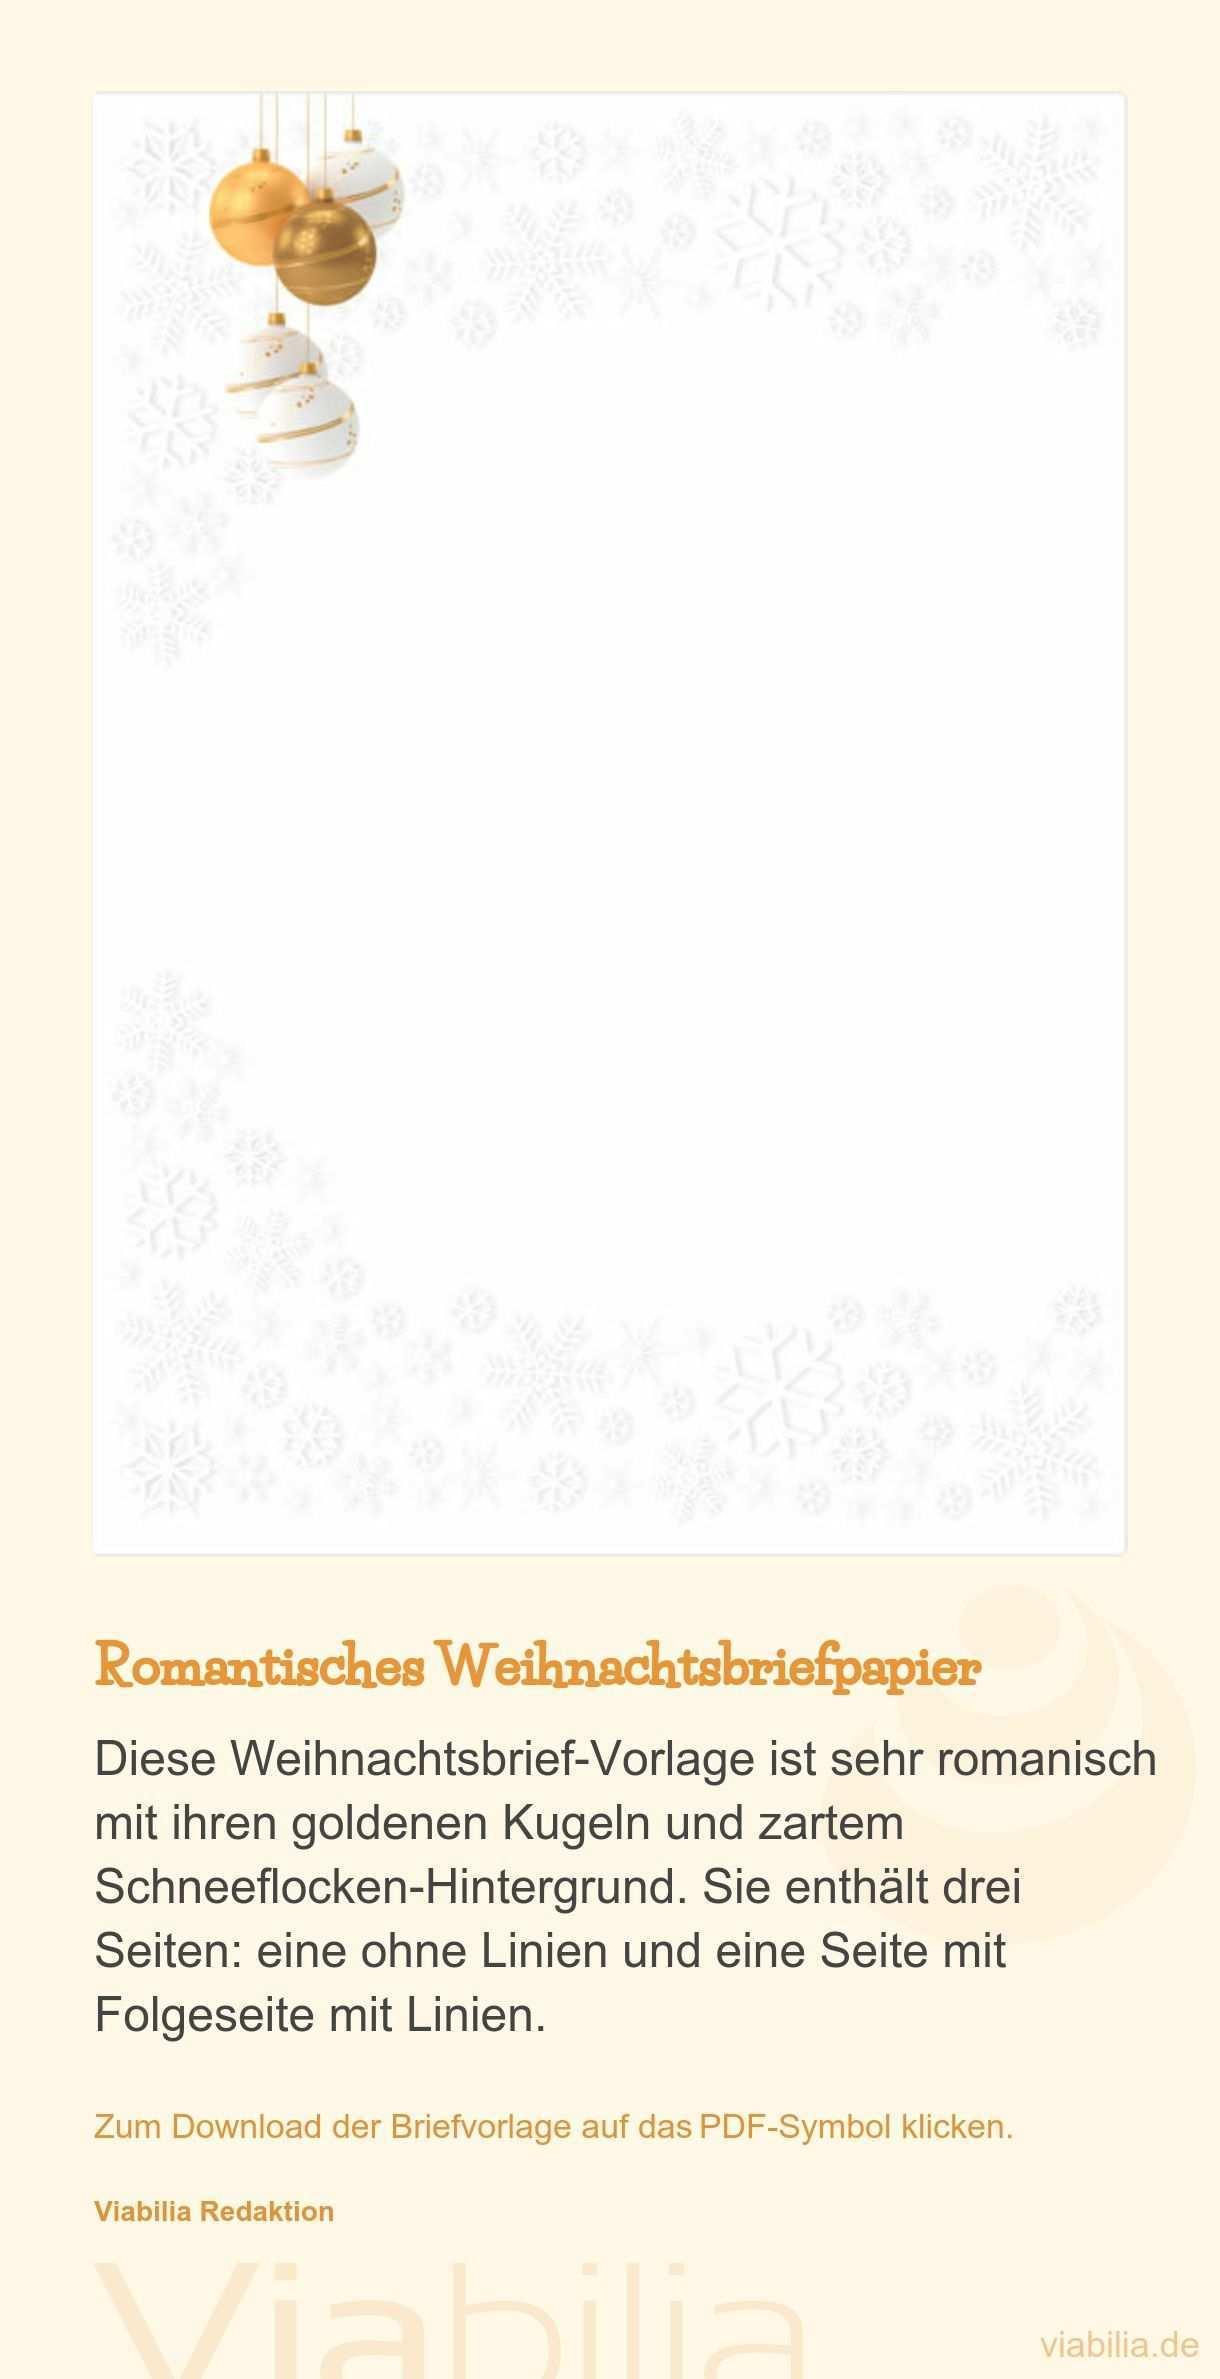 Romantisches Weihnachtsbriefpapier Kostenlos Herunterladen Unlinierte Und Linierte Version Zum Download Der Brief Weihnachtsbrief Briefvorlagen Vorlagen Word